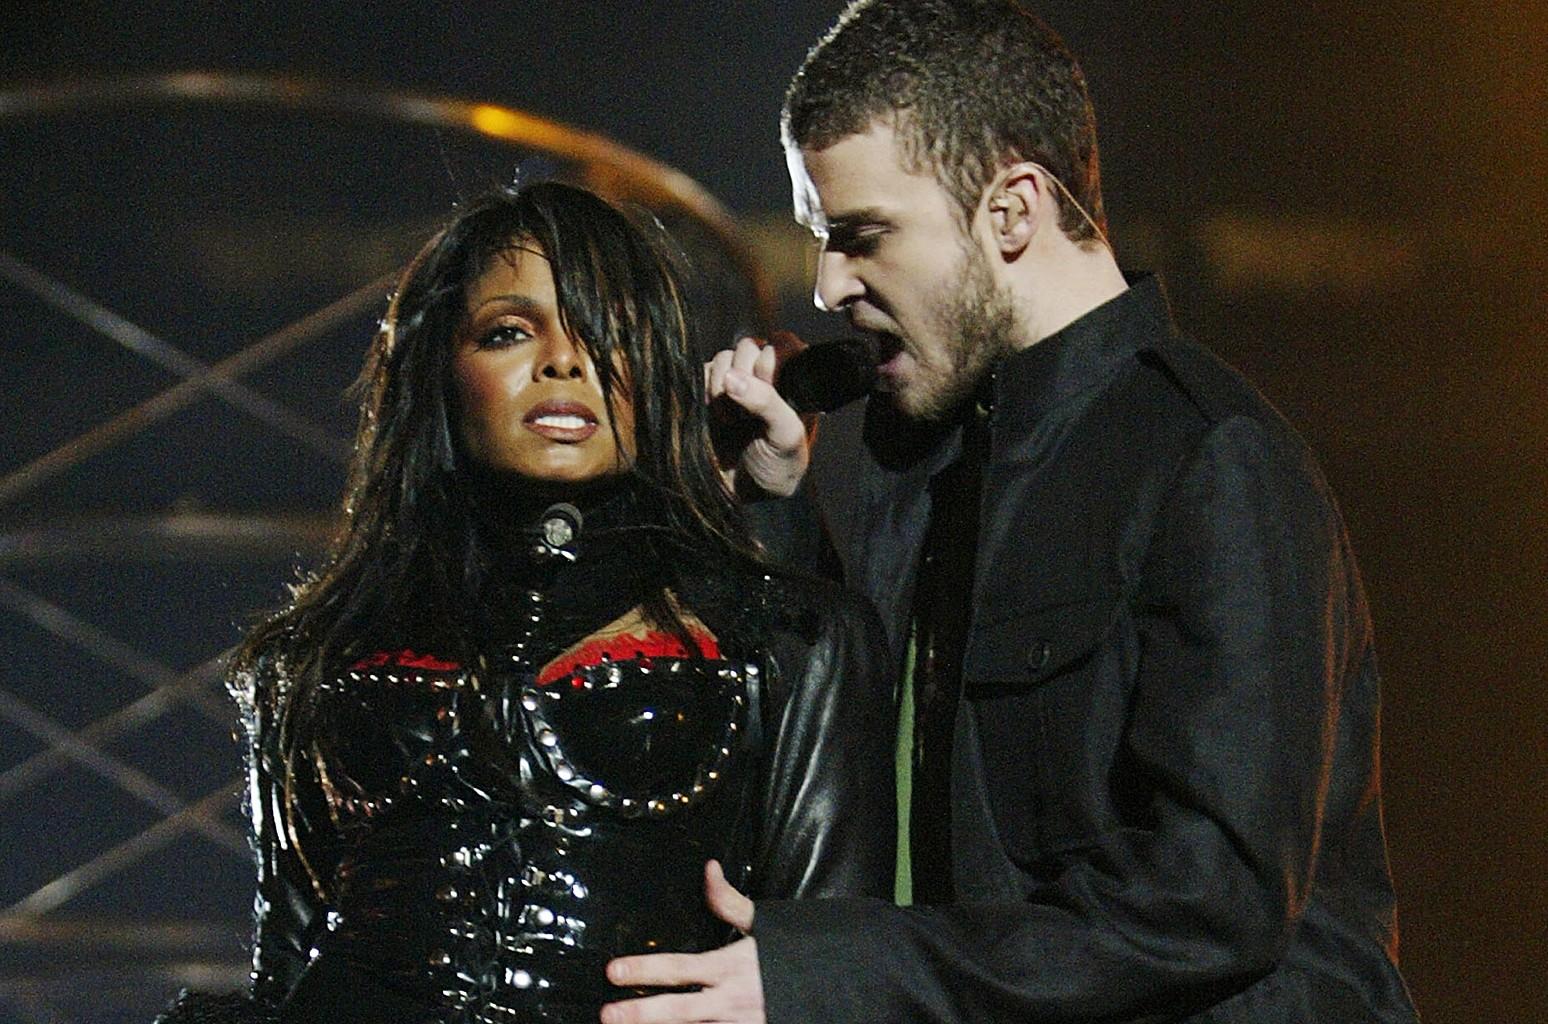 Janet Jackson & Justin Timberlake, 2004